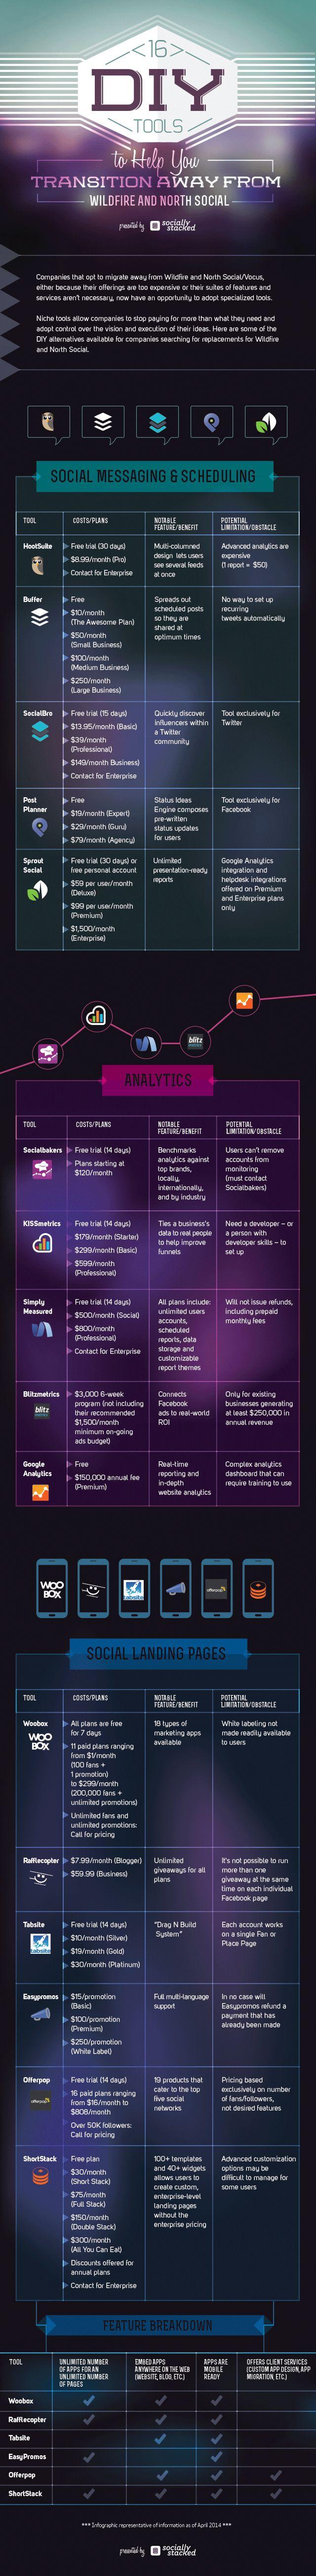 16 outils qui peuvent vous aider à mieux gérer et animer votre présence sur les réseaux sociaux | Médias sociaux et réseaux professionnels